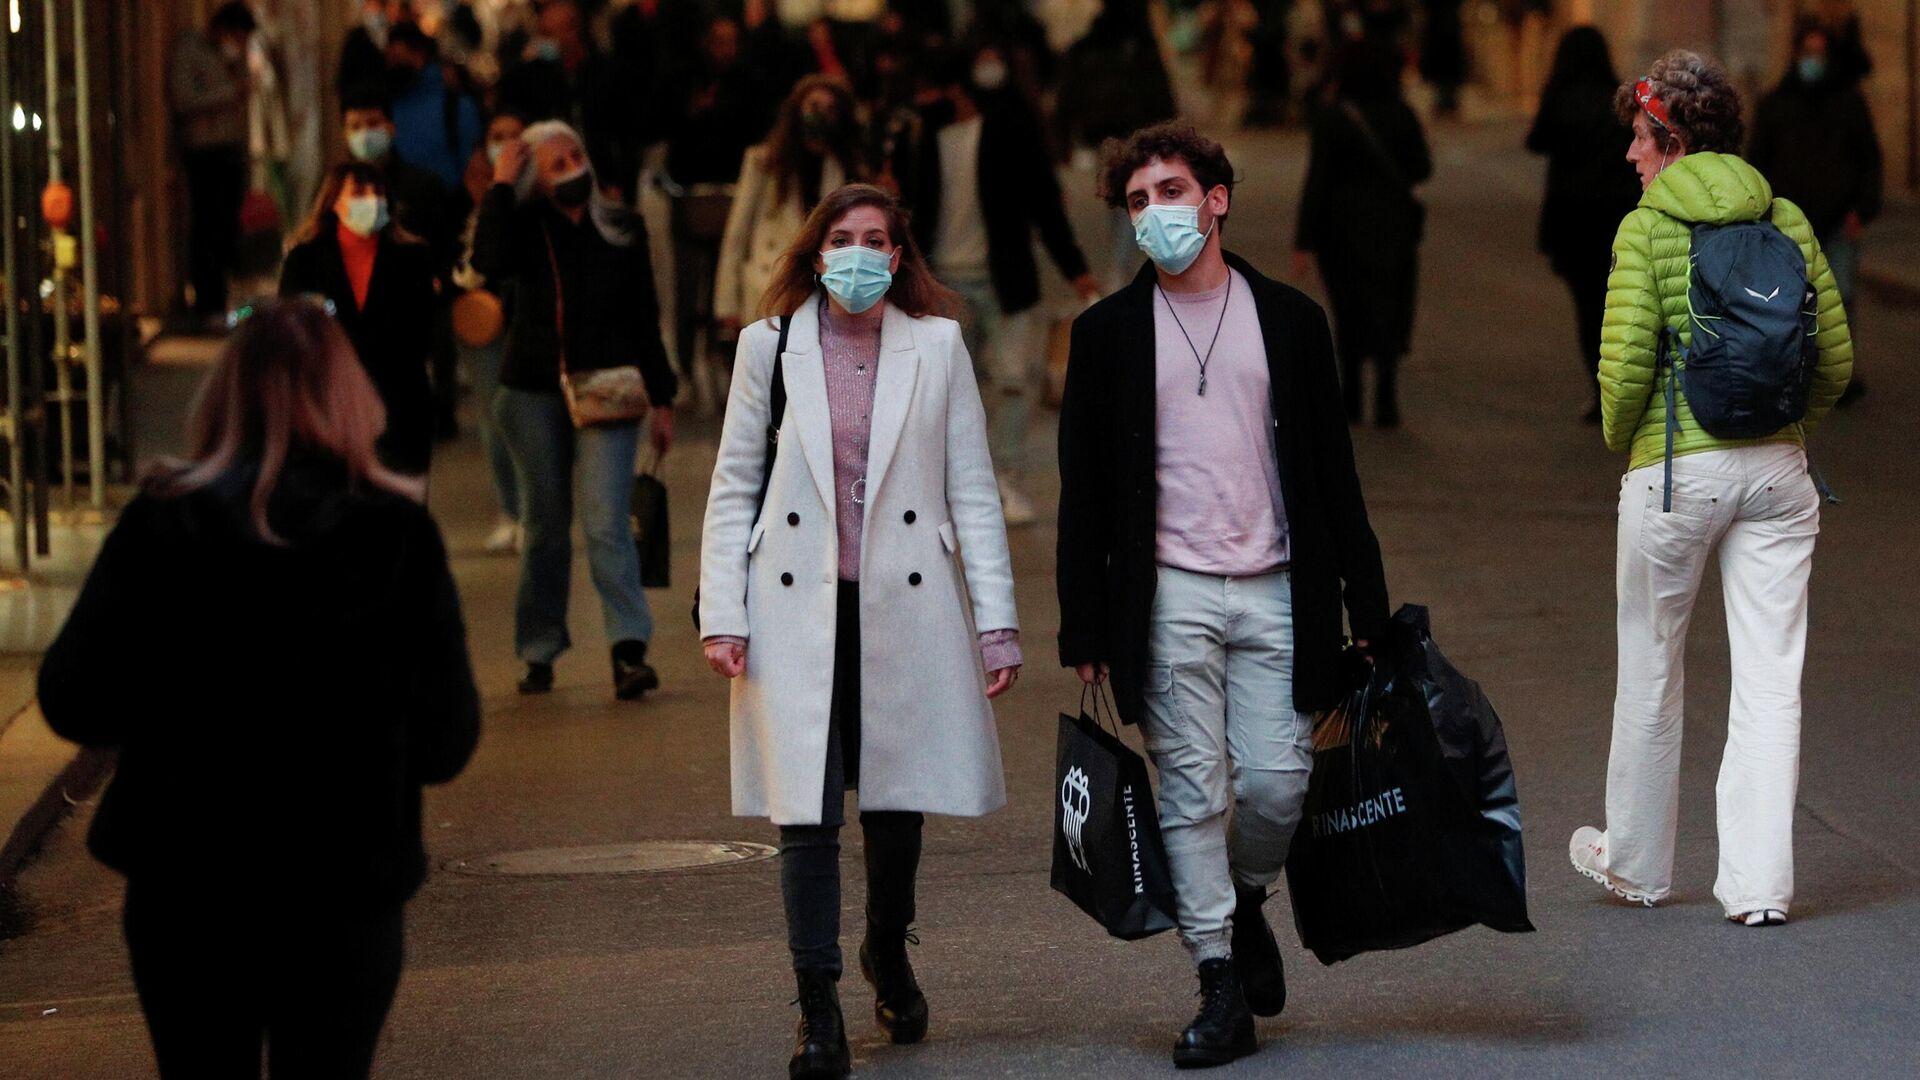 Прохожие на одной из улиц в Риме - РИА Новости, 1920, 02.12.2020